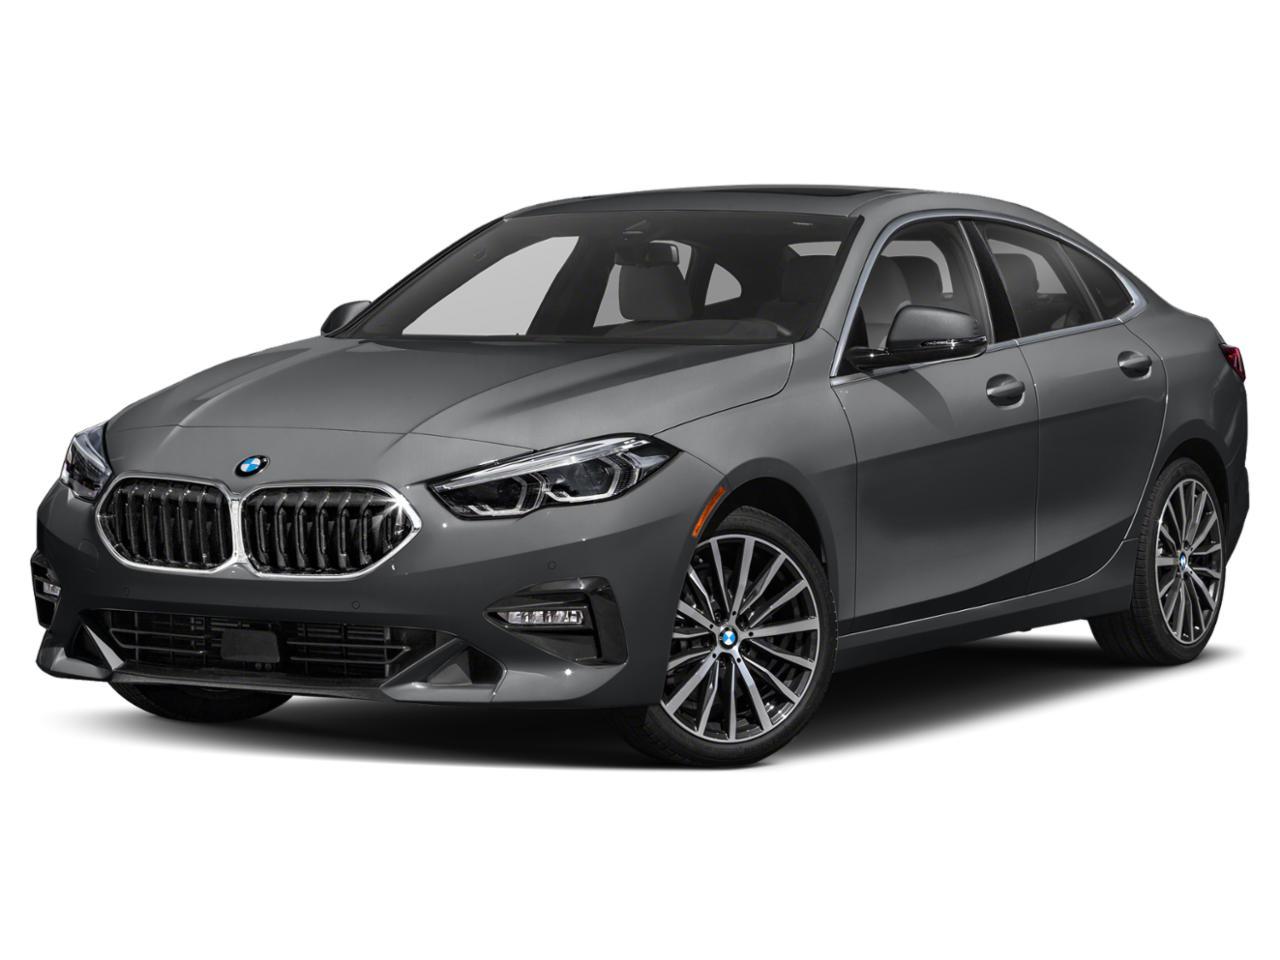 2020 BMW 228i xDrive Vehicle Photo in Pleasanton, CA 94588